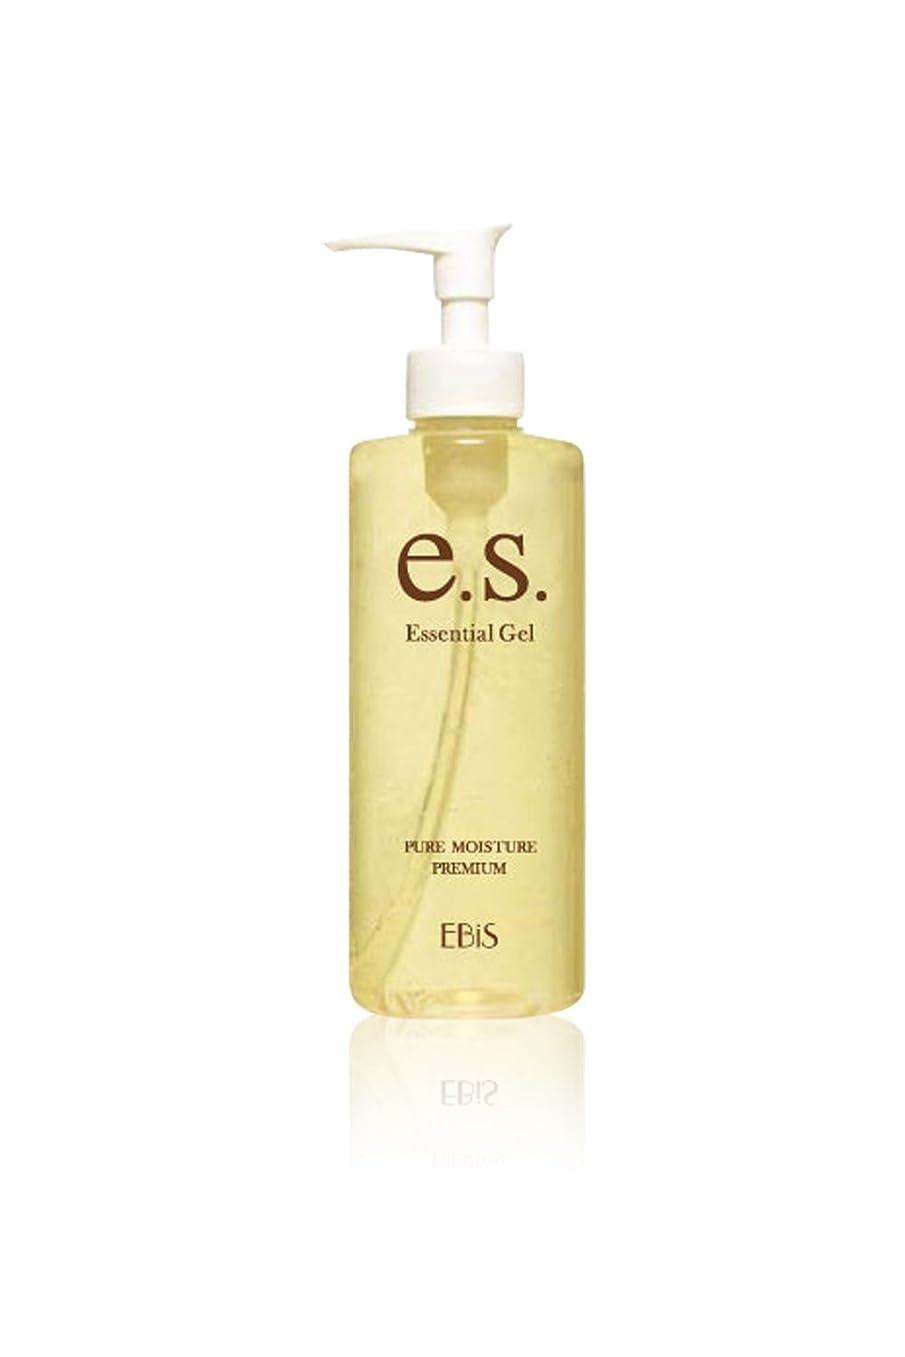 船乗り面白い耐えられないエビス化粧品(EBiS) イーエスエッセンシャルジェル (105g) 美顔器ジェル 無添加処方 アルコールフリー 日本製 男女兼用 保湿ジェル